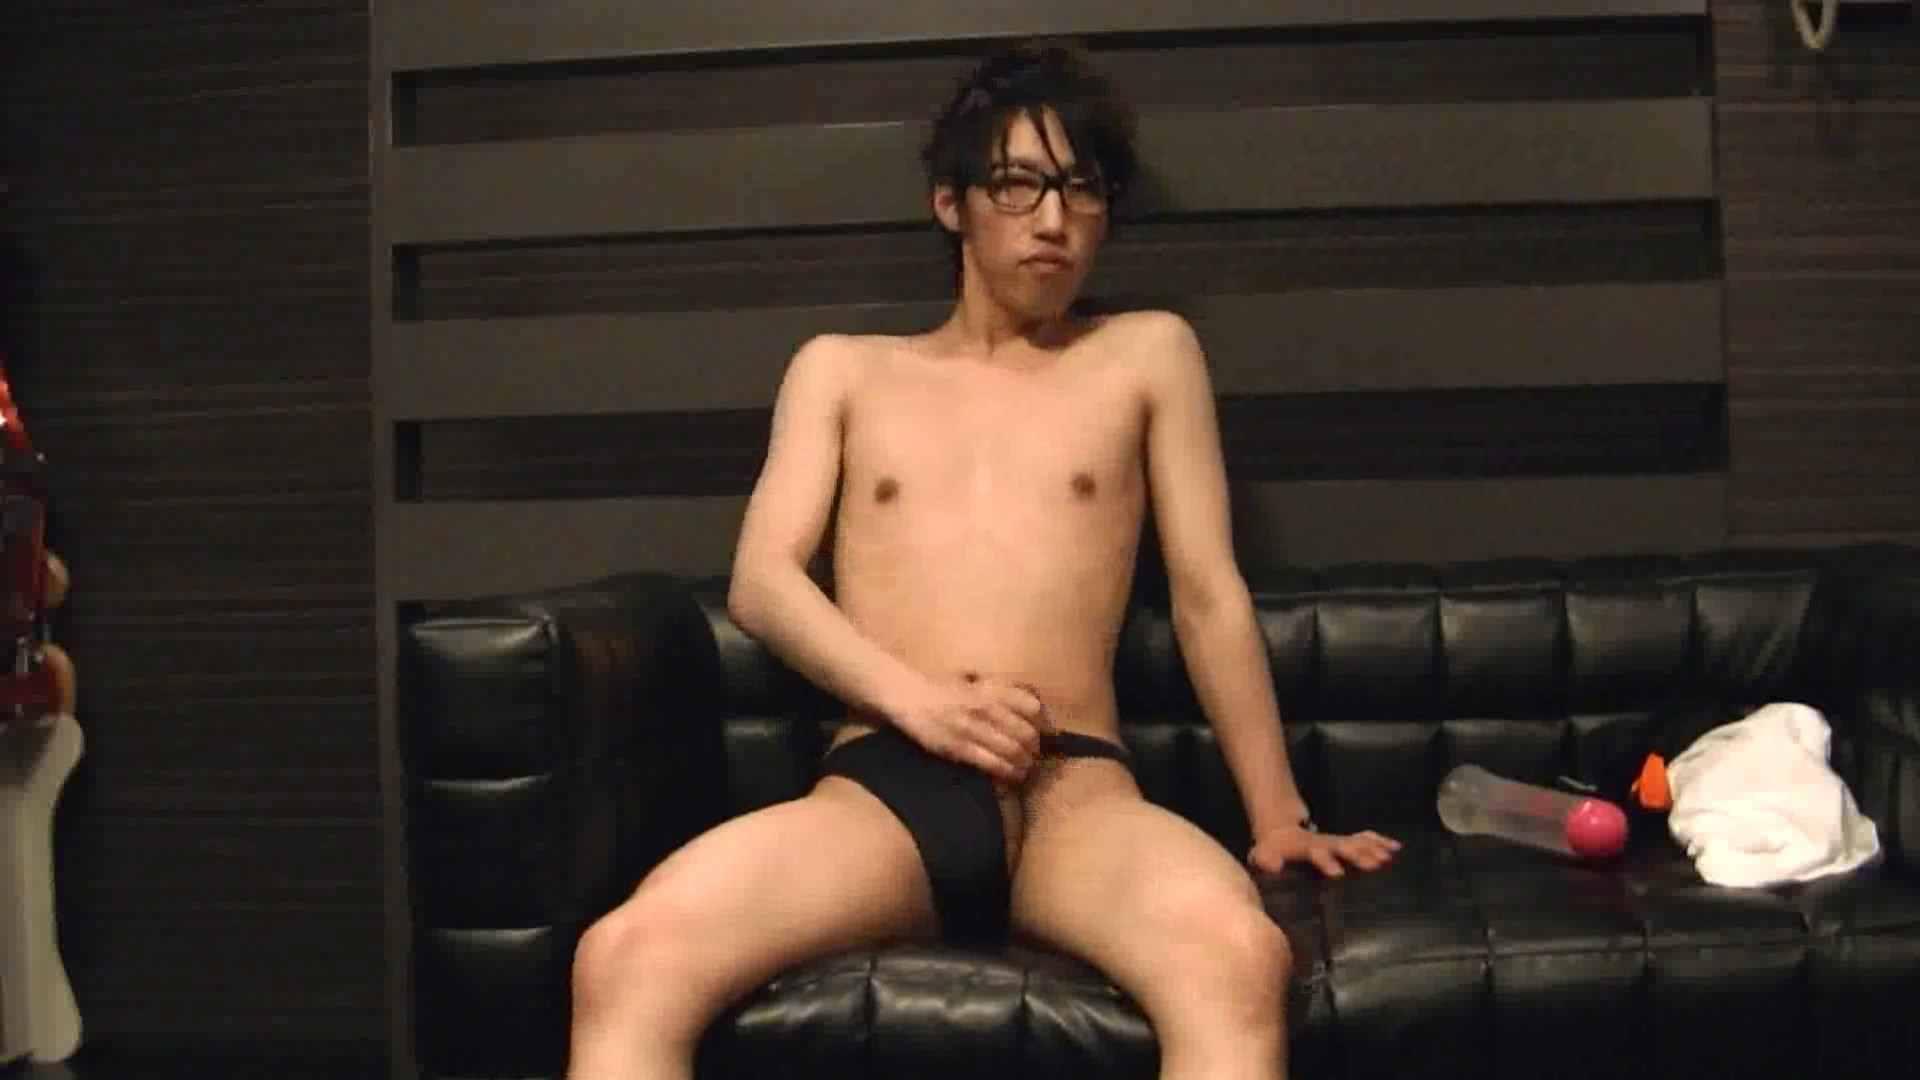 ONA見せカーニバル!! Vol3 男・男   モザイク無し ゲイ無料無修正画像 72pic 28